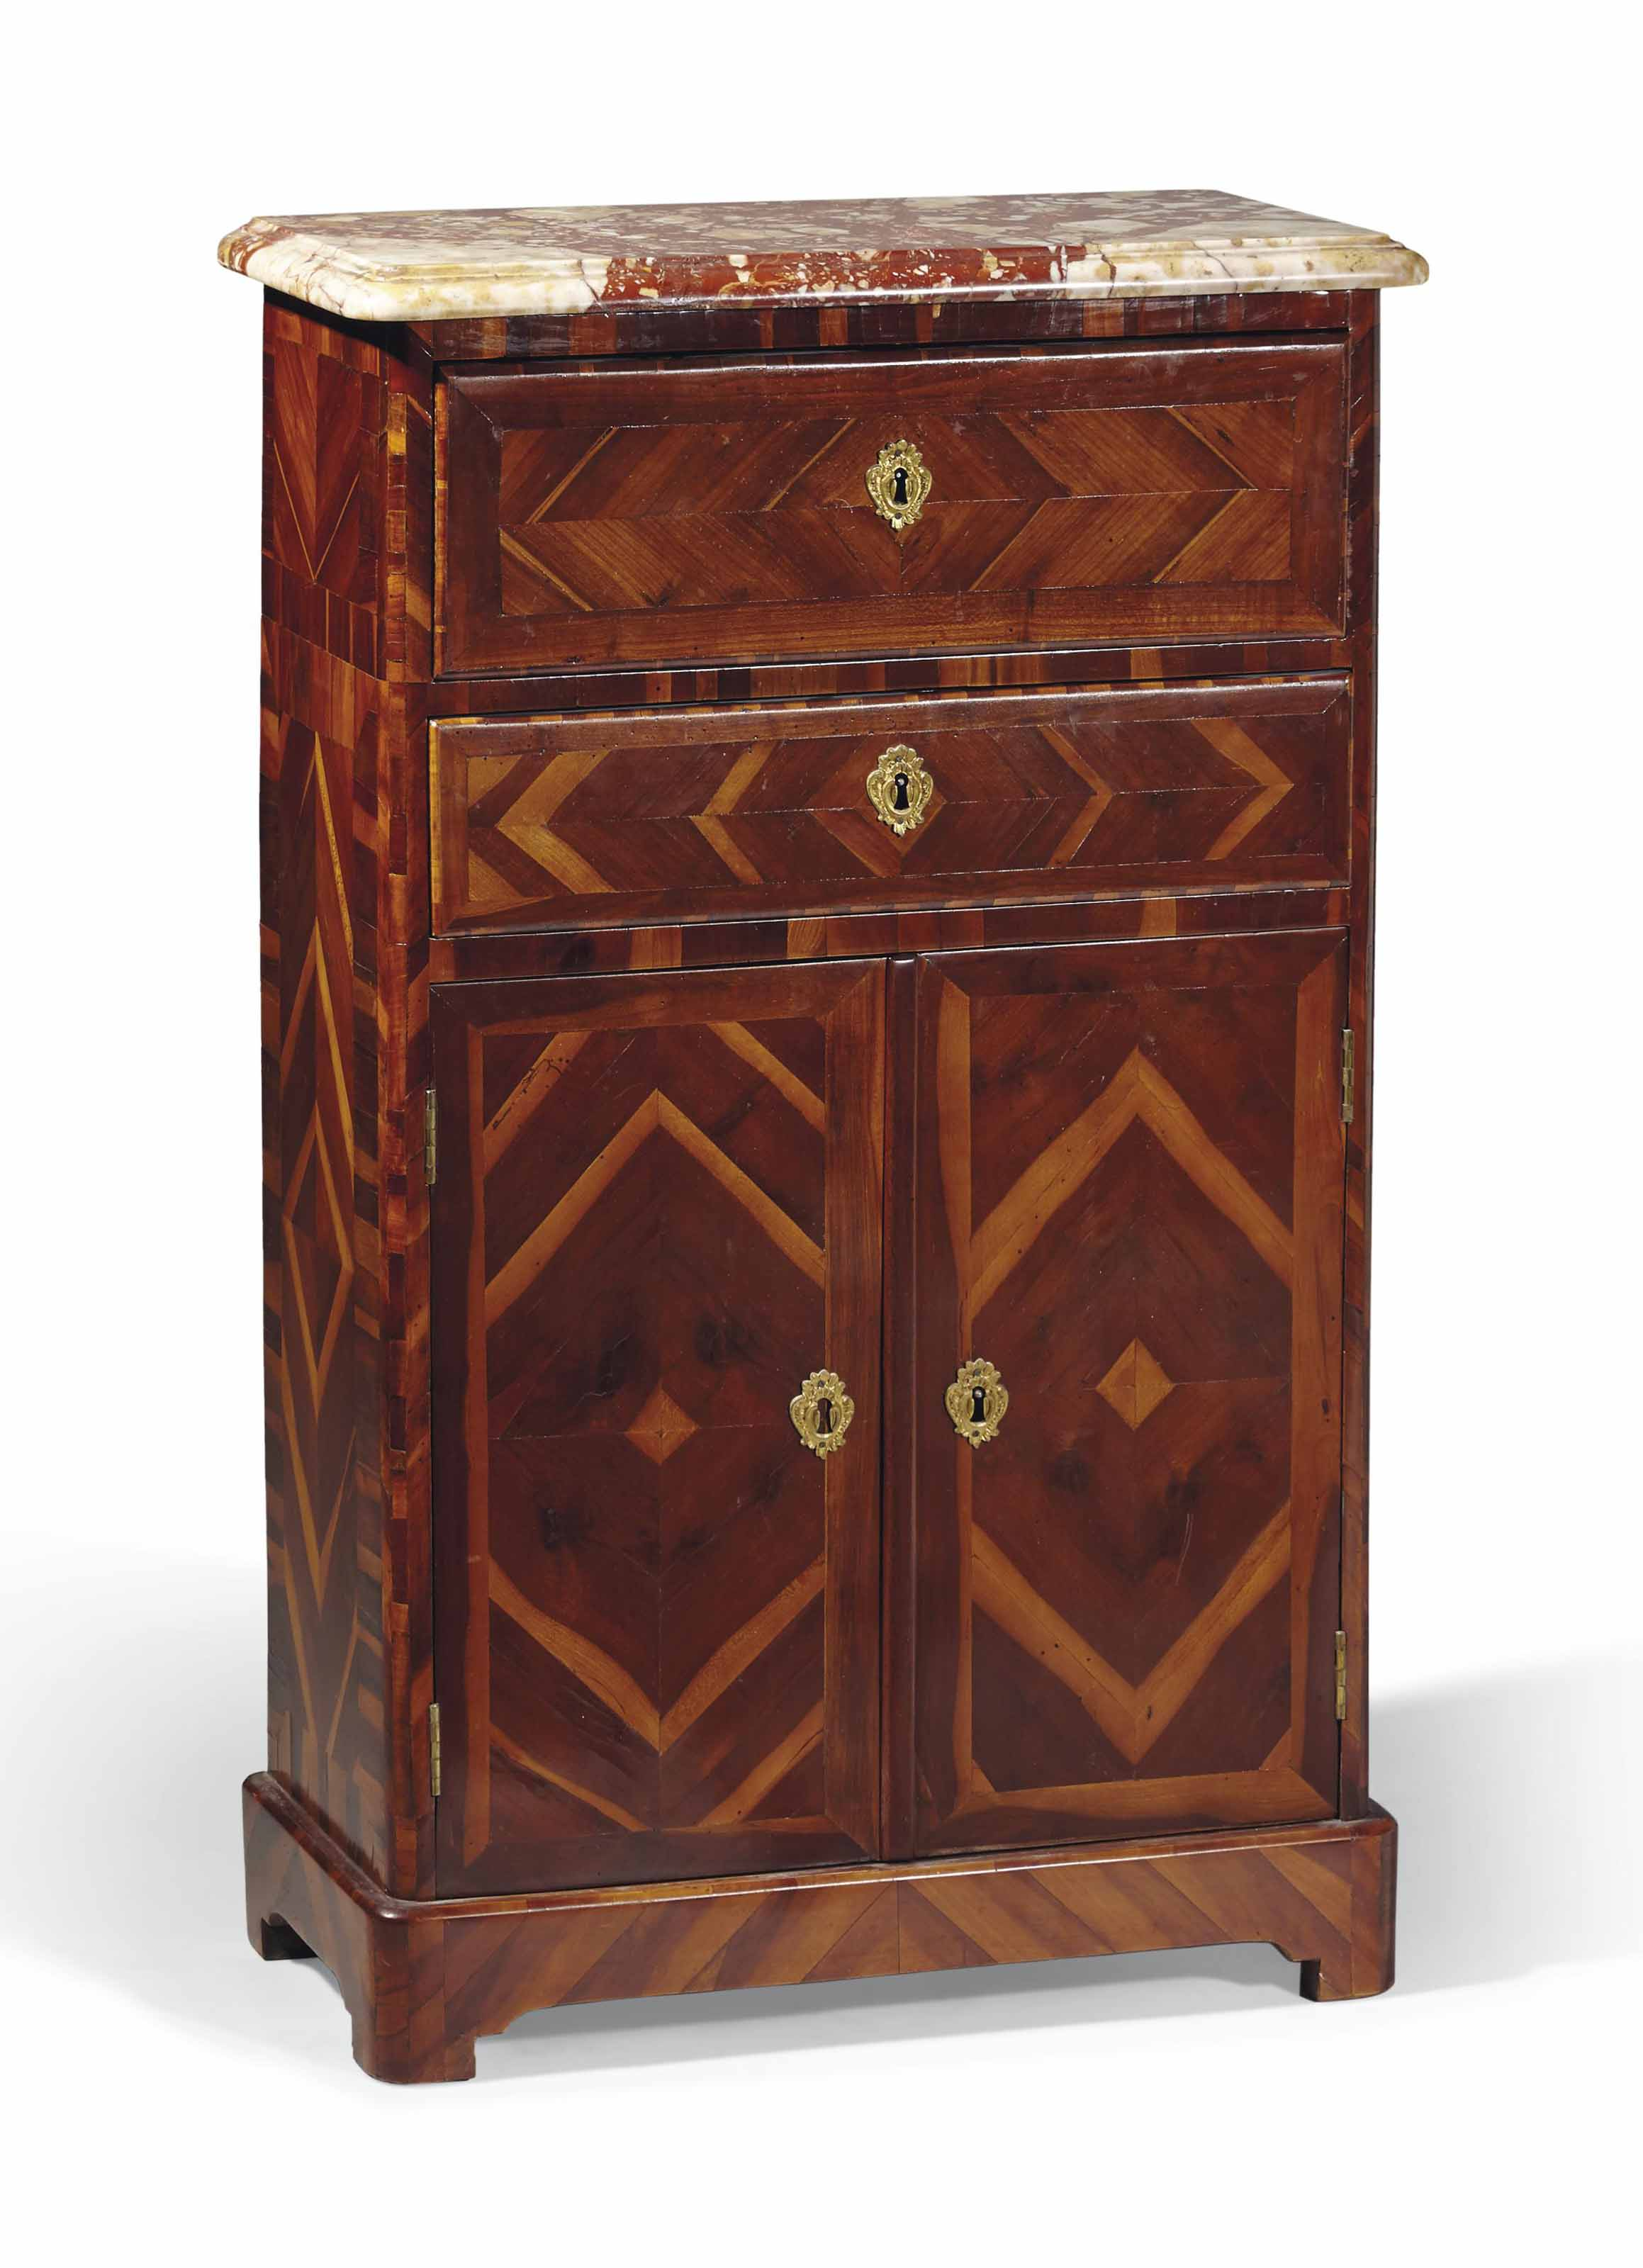 meuble d 39 entre deux de la fin de l 39 epoque regence. Black Bedroom Furniture Sets. Home Design Ideas